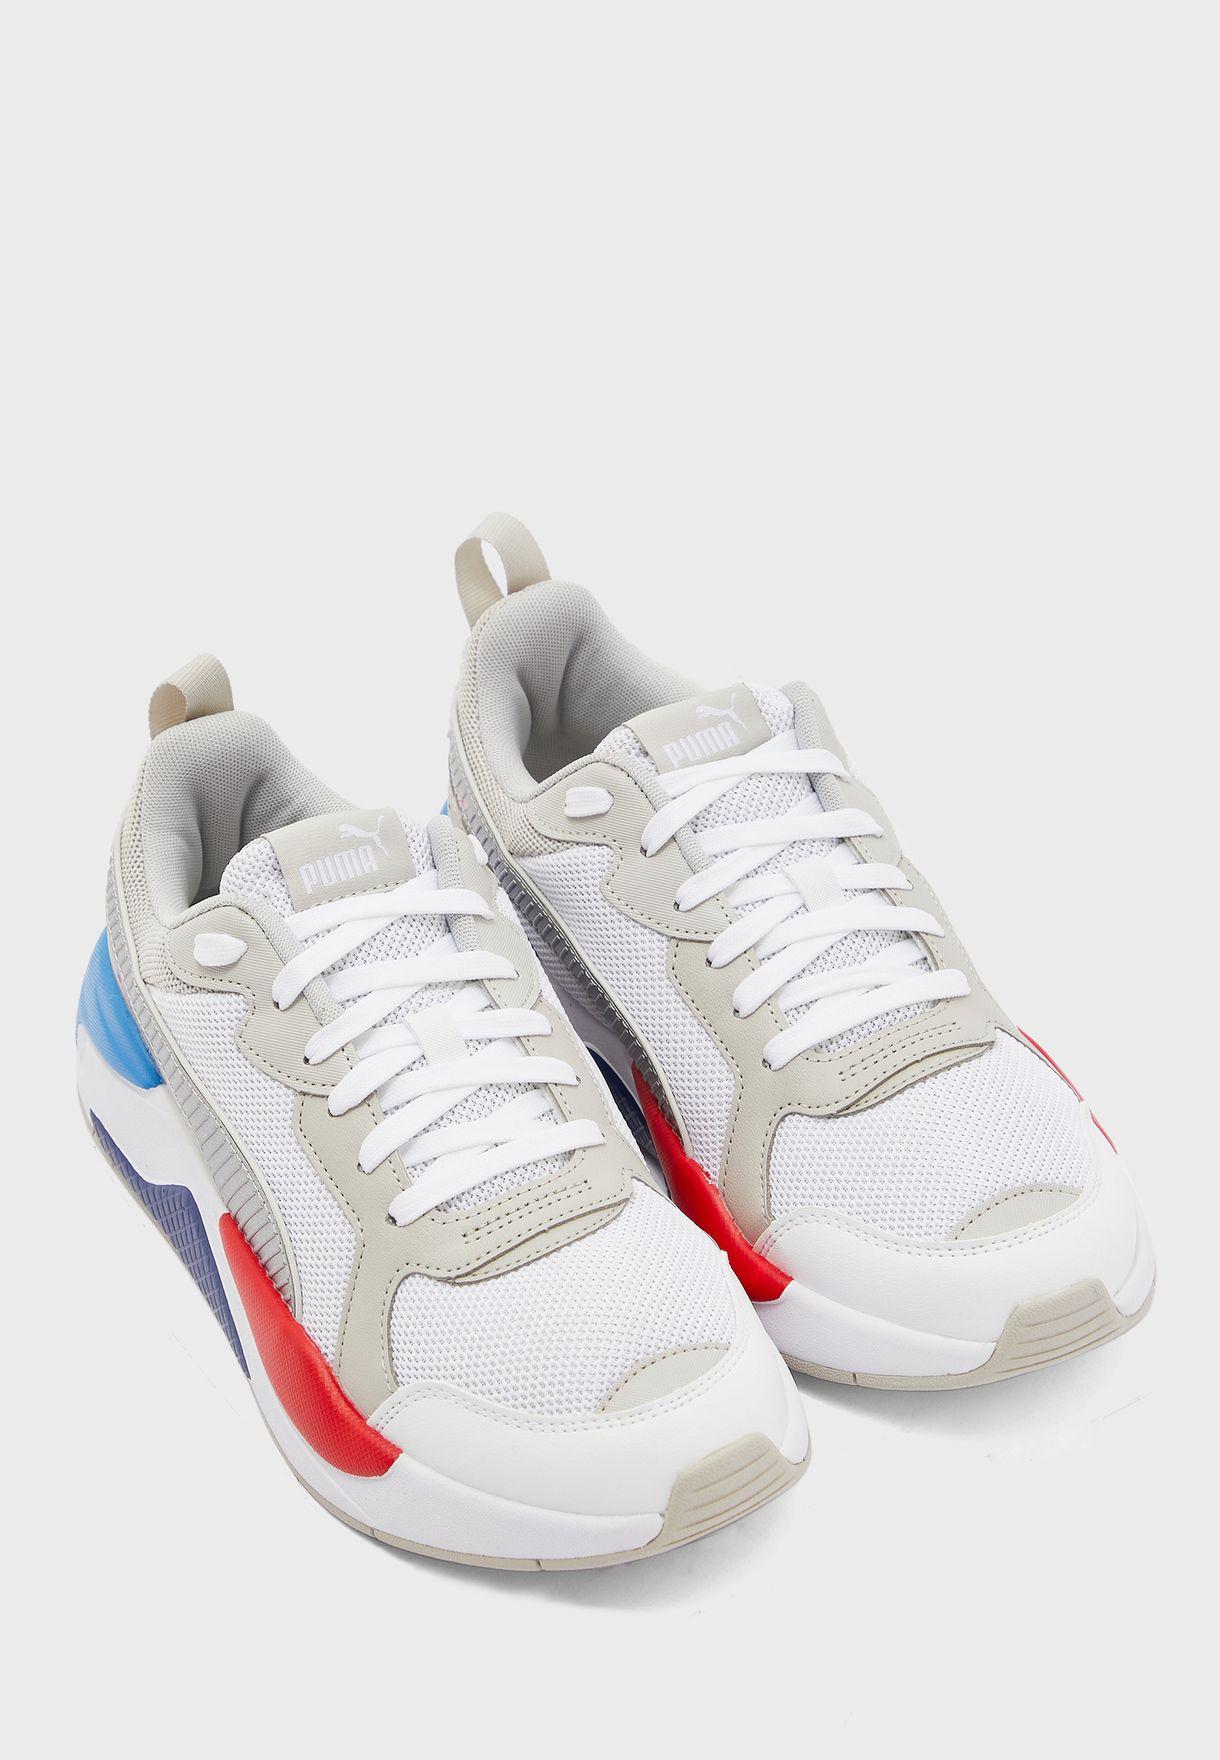 حذاء من مجموعة بي ام دبليو